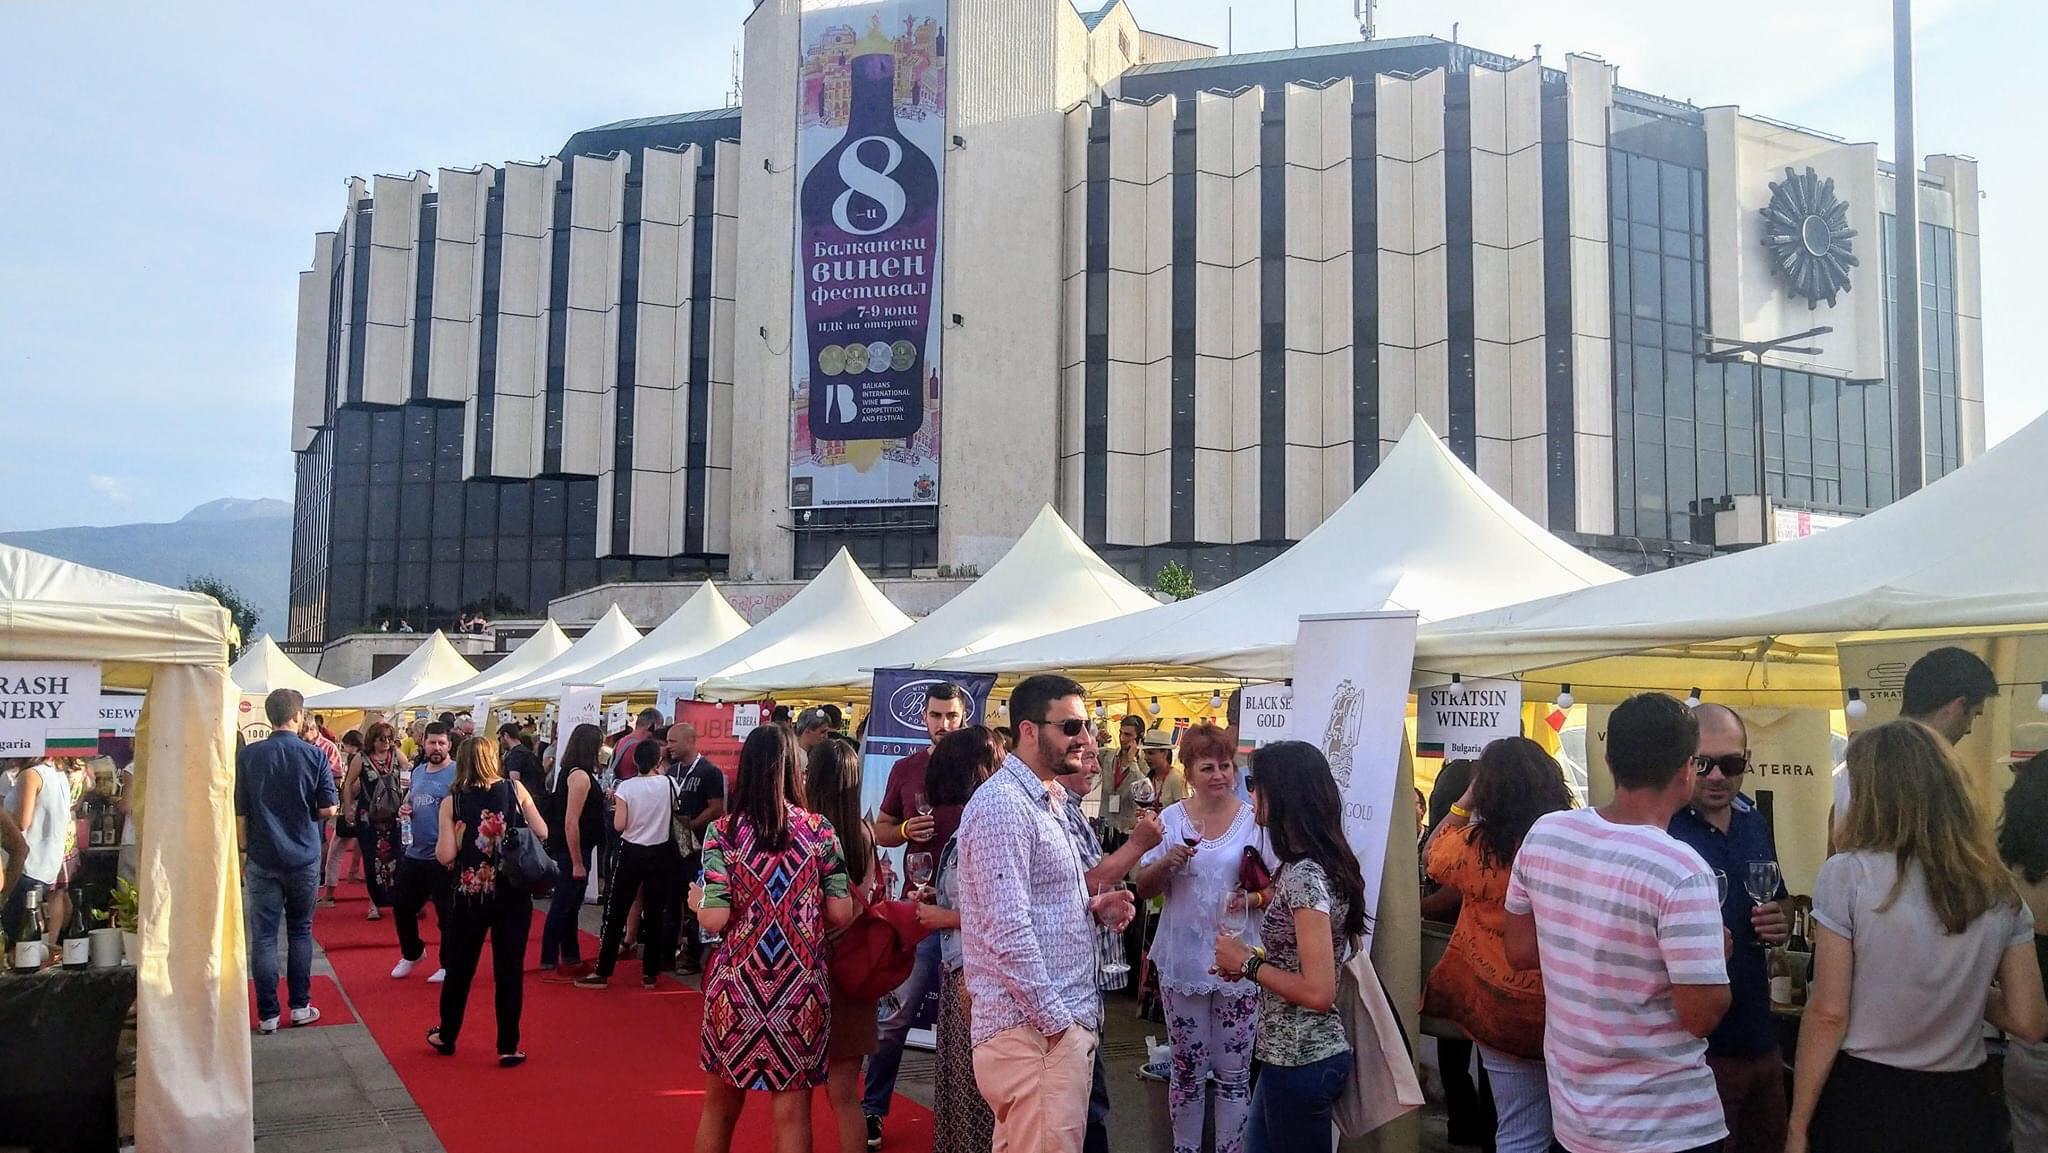 София се превръща в столицата на Балканите с Балканския международен винен фестивал през септември